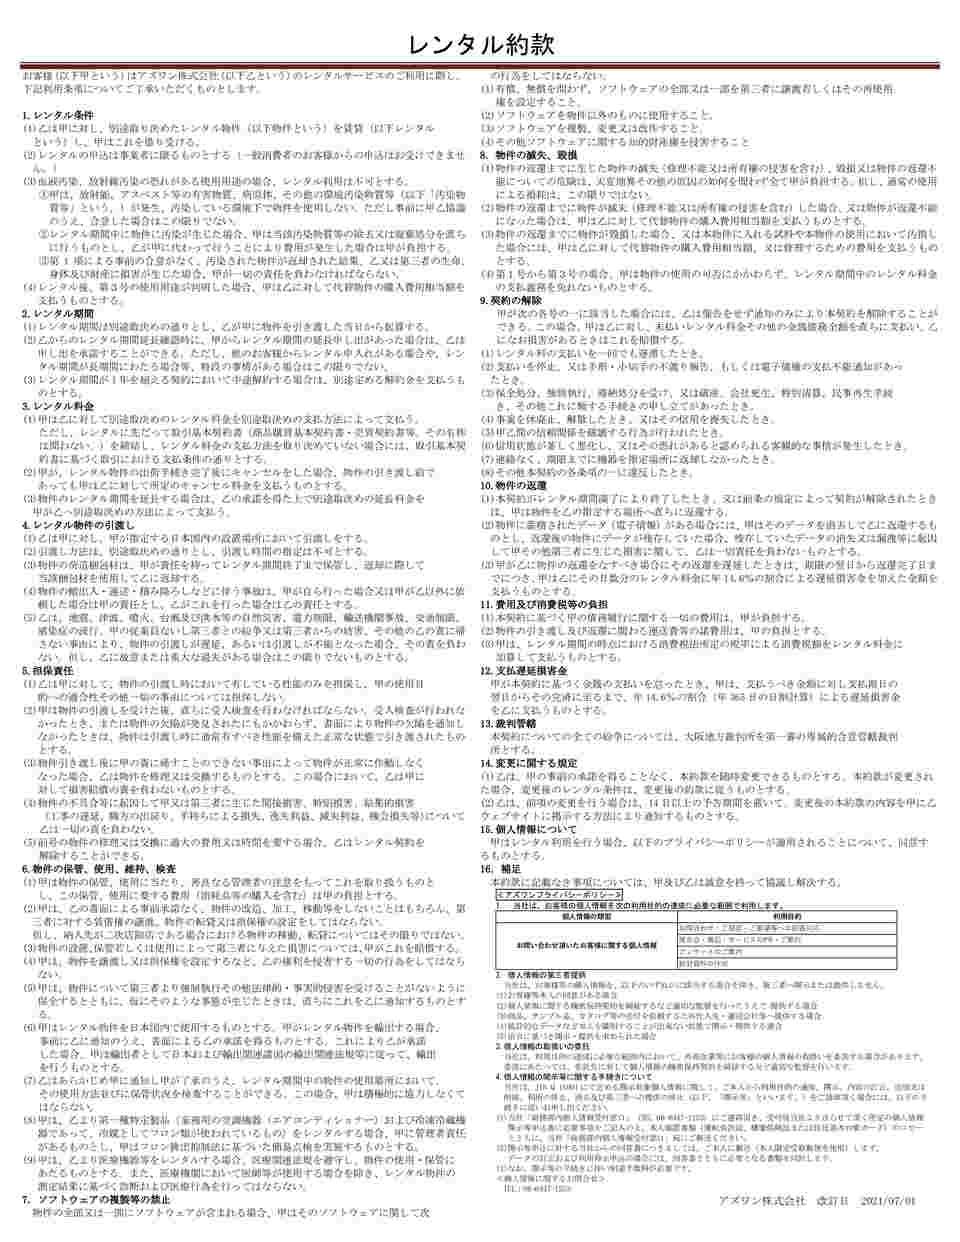 図面・資料②